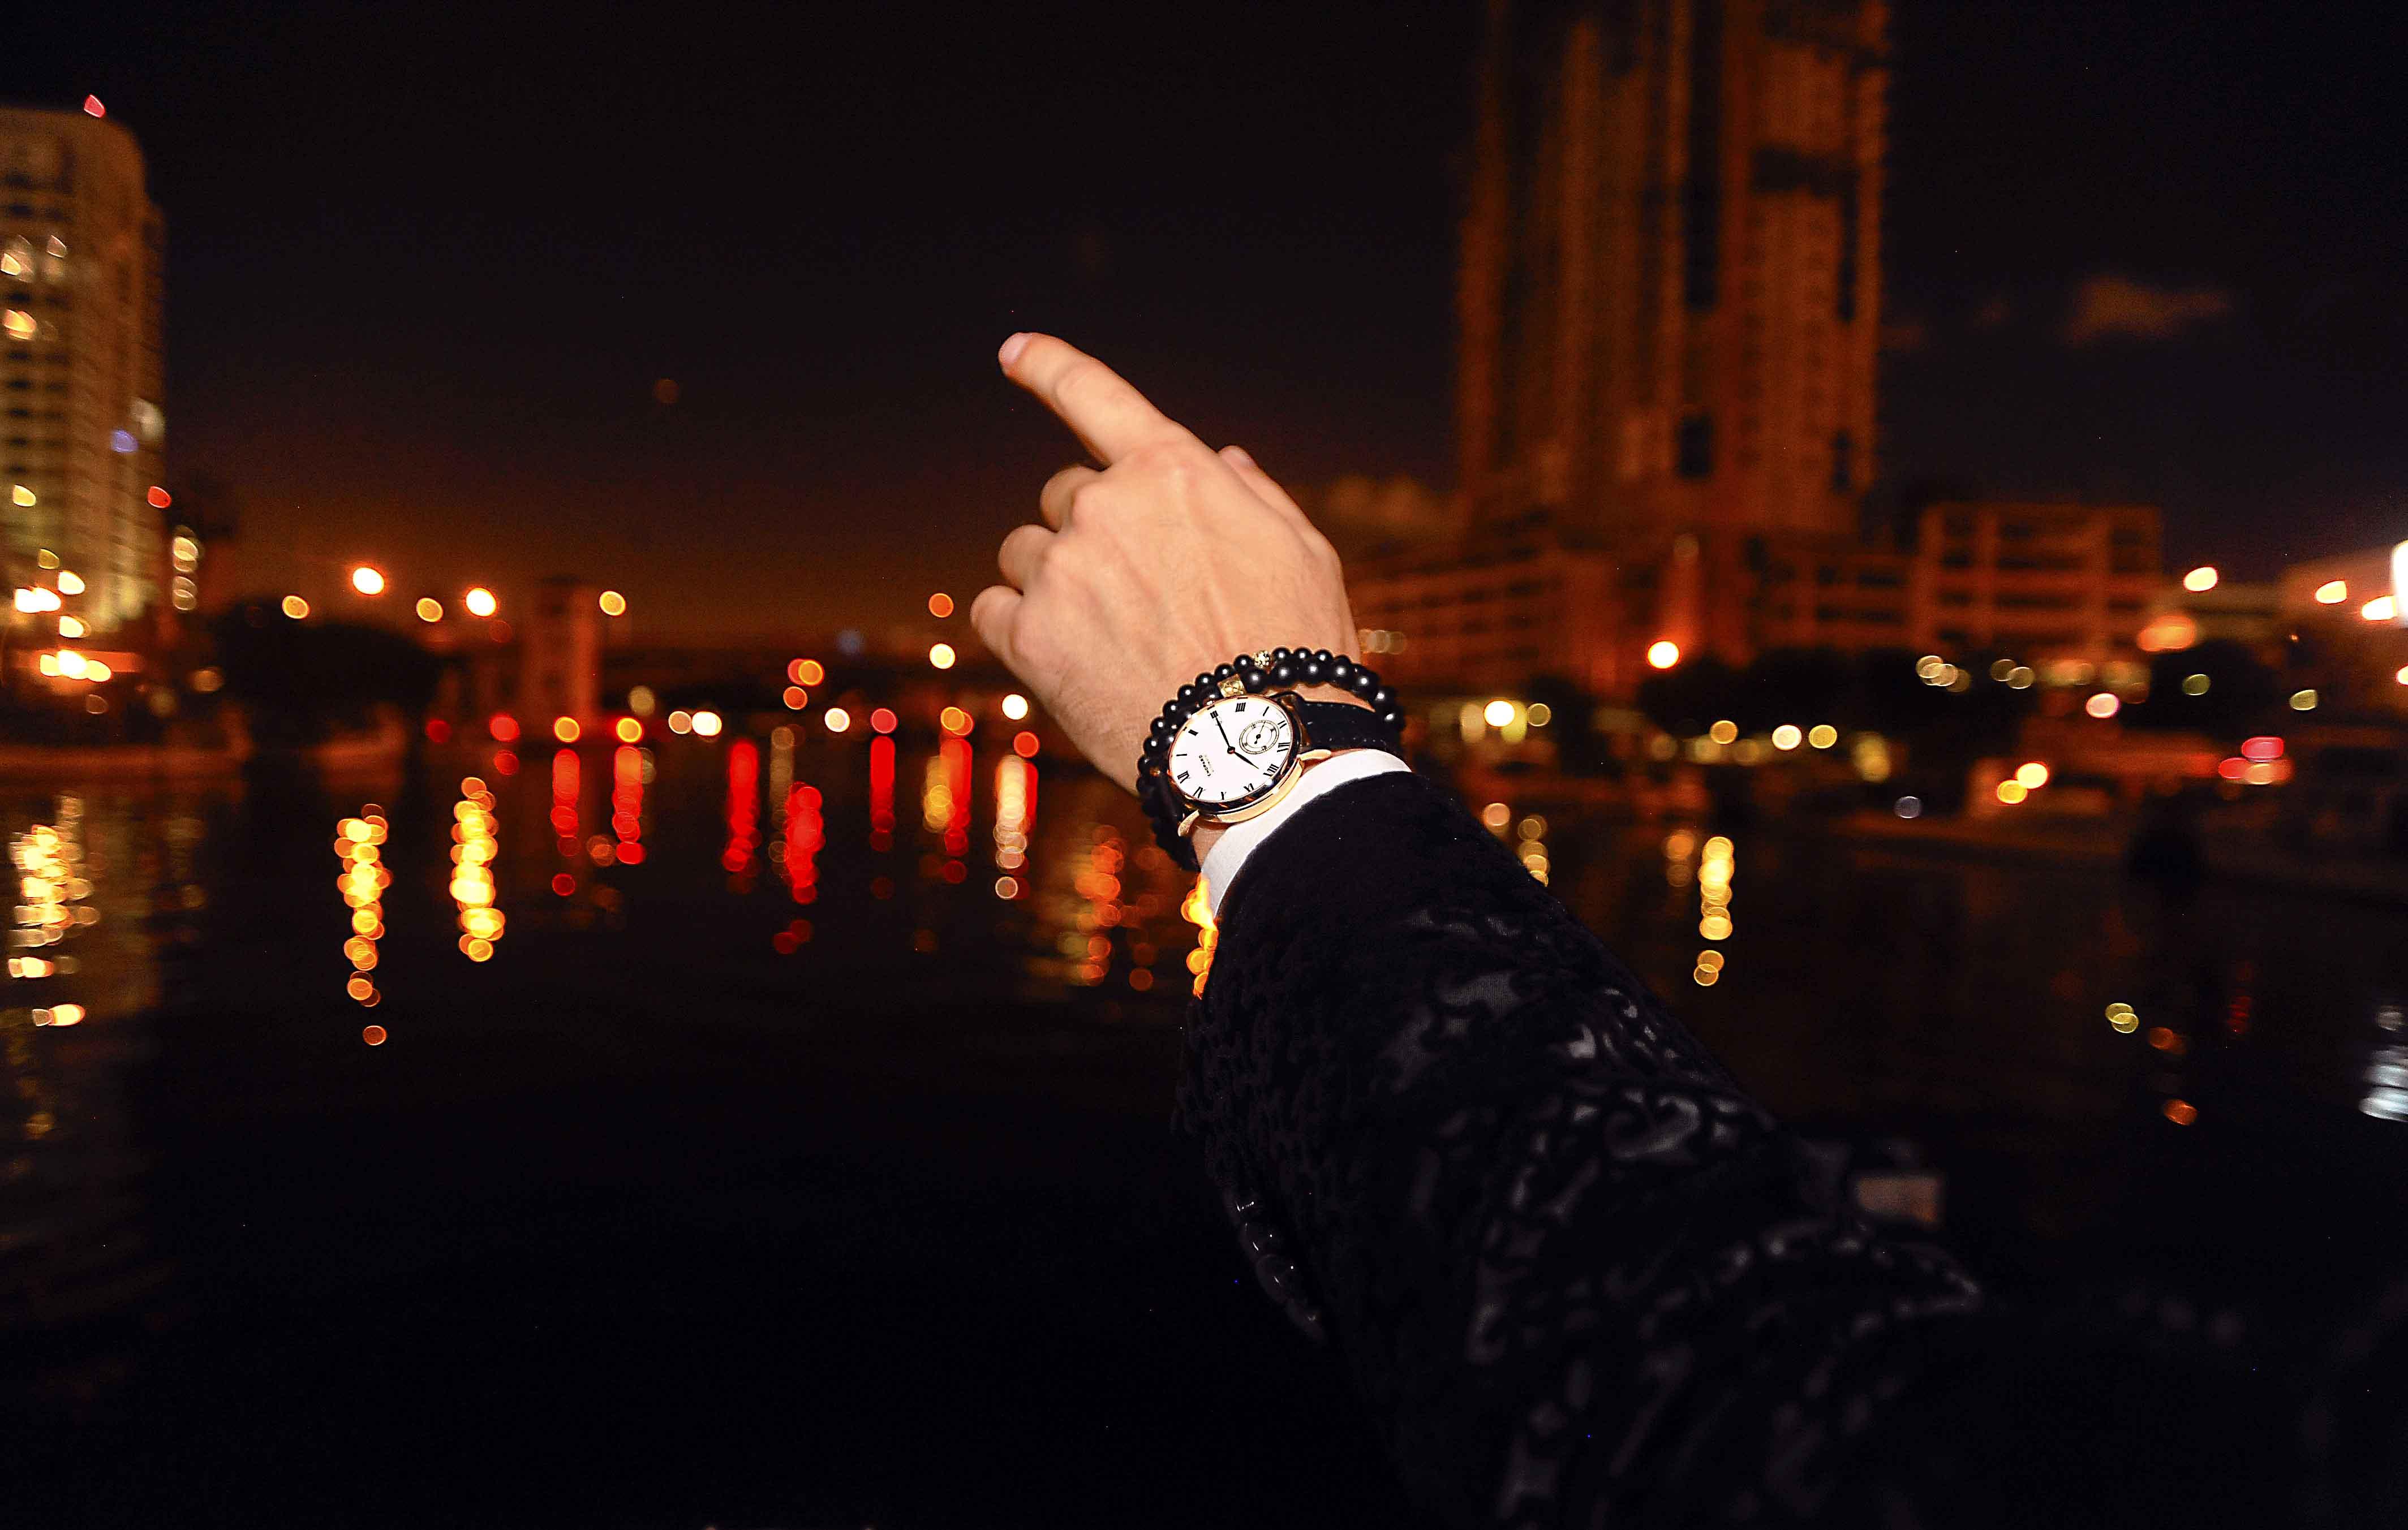 boat ride - LR